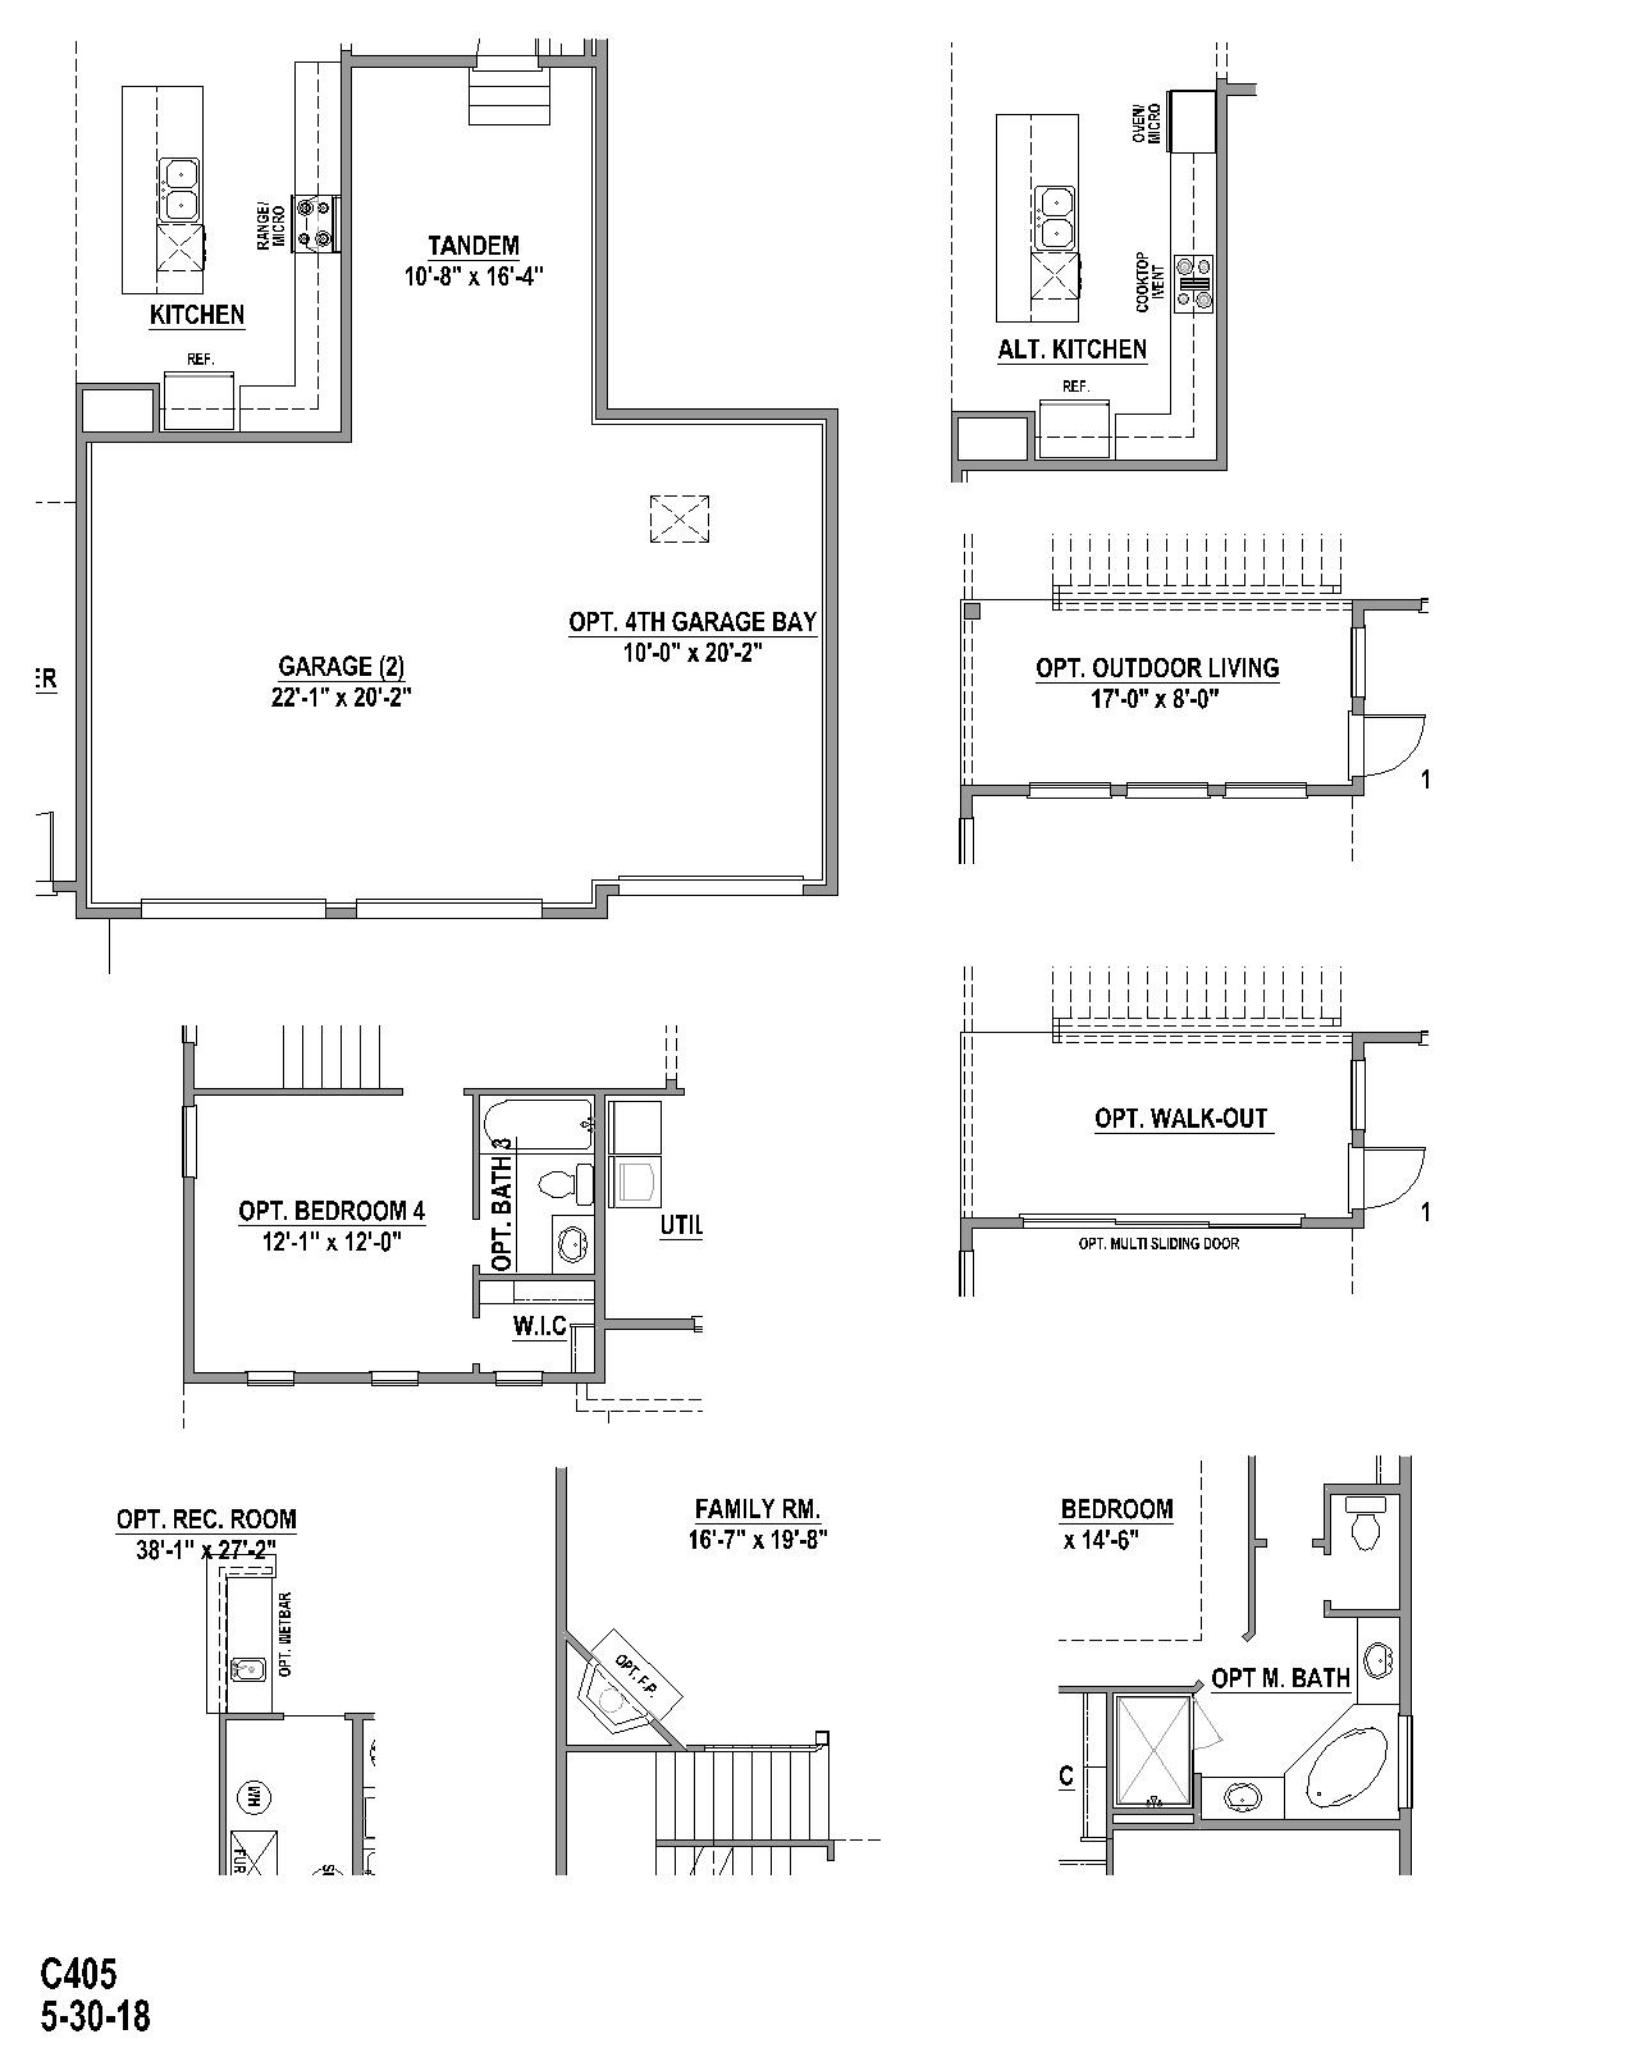 Plan C405 Floor Plan